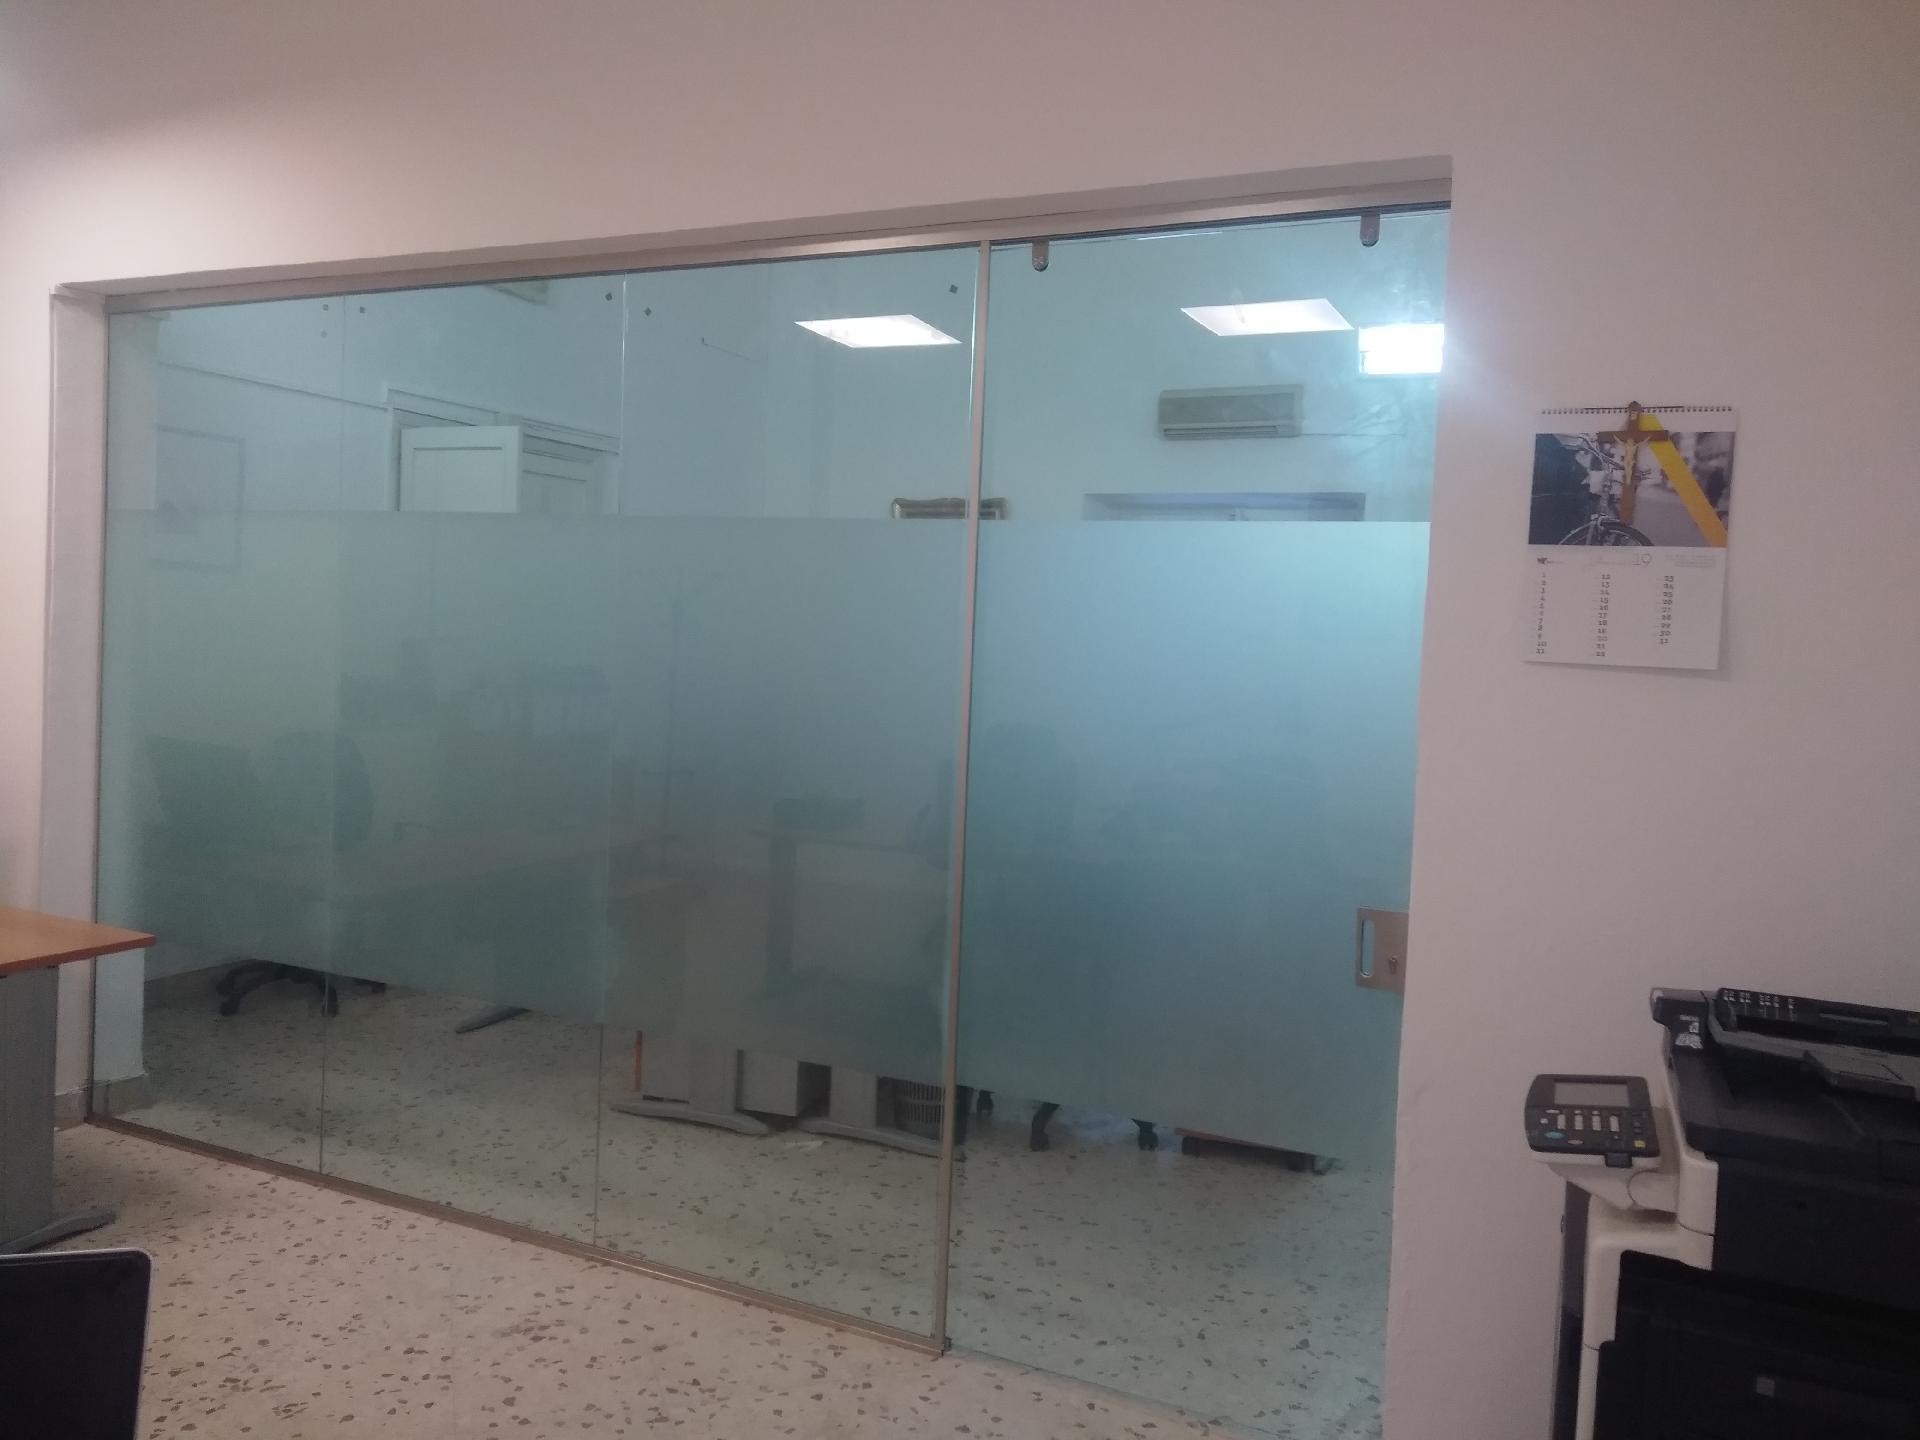 Parete Divisoria Con Porta Scorrevole pareti divisorie in vetro - lavori realizzati - bagheria